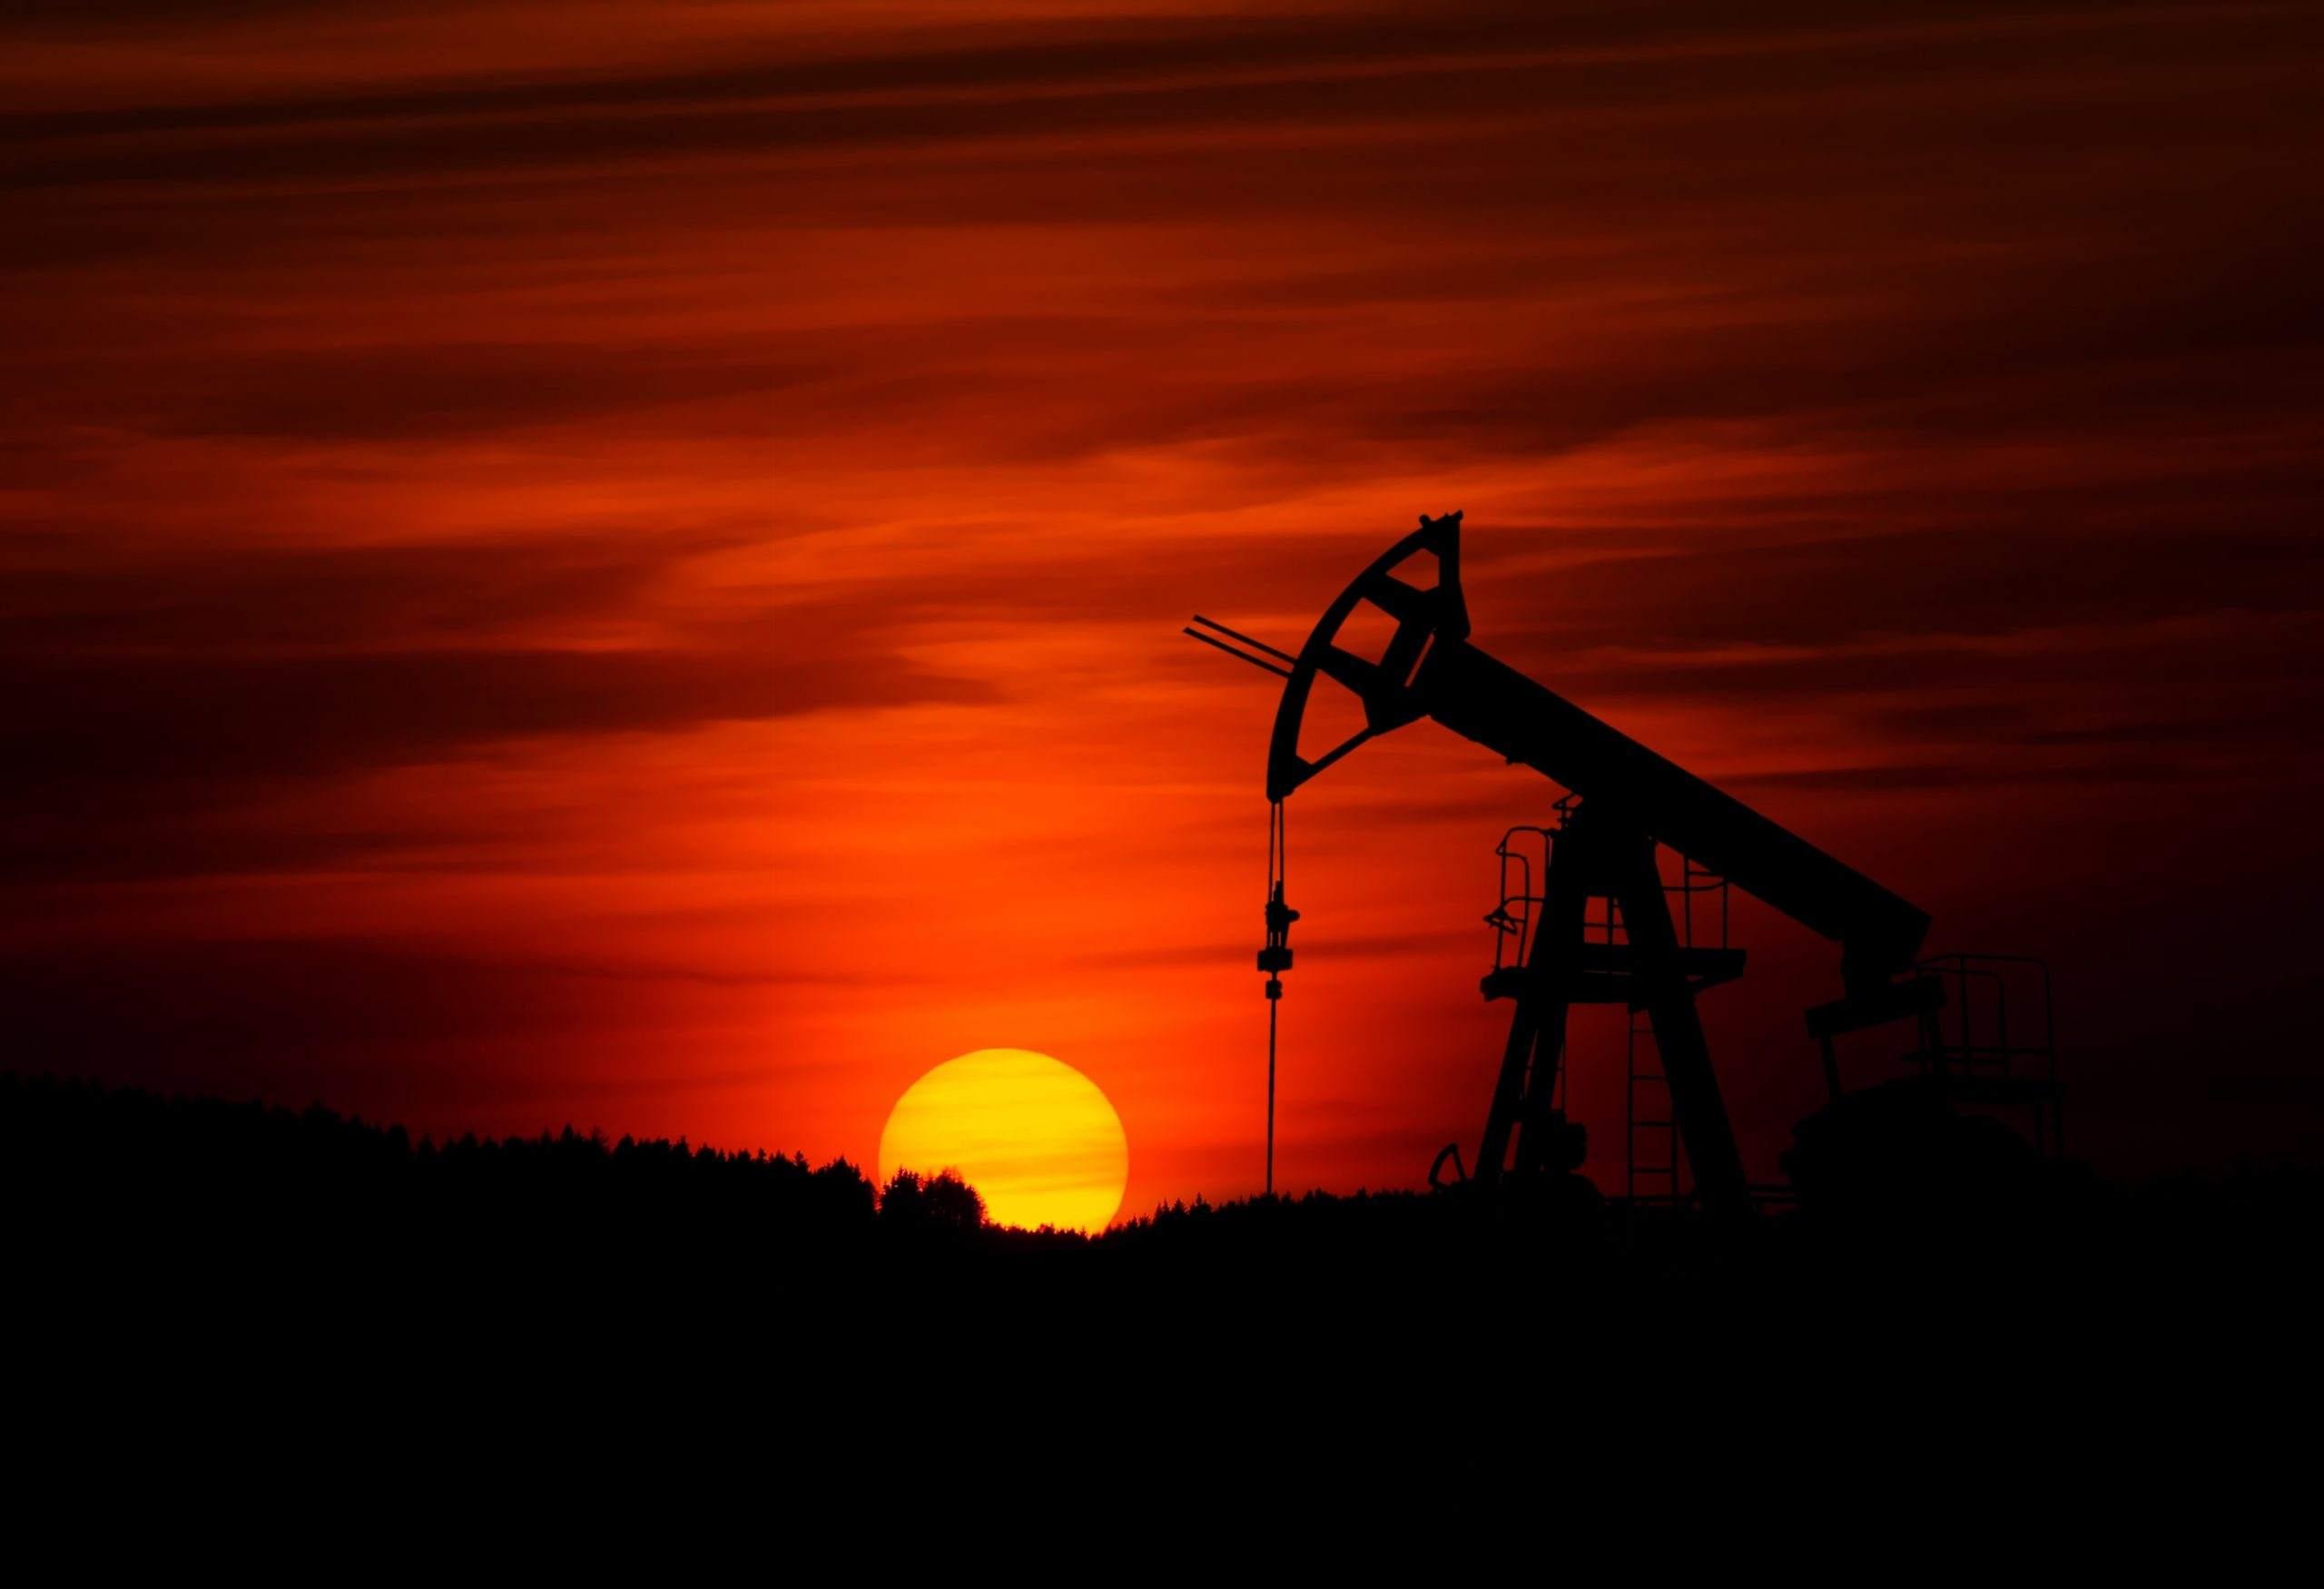 Ölpumpe Beispielfoto - heute Entscheidung der OPEC